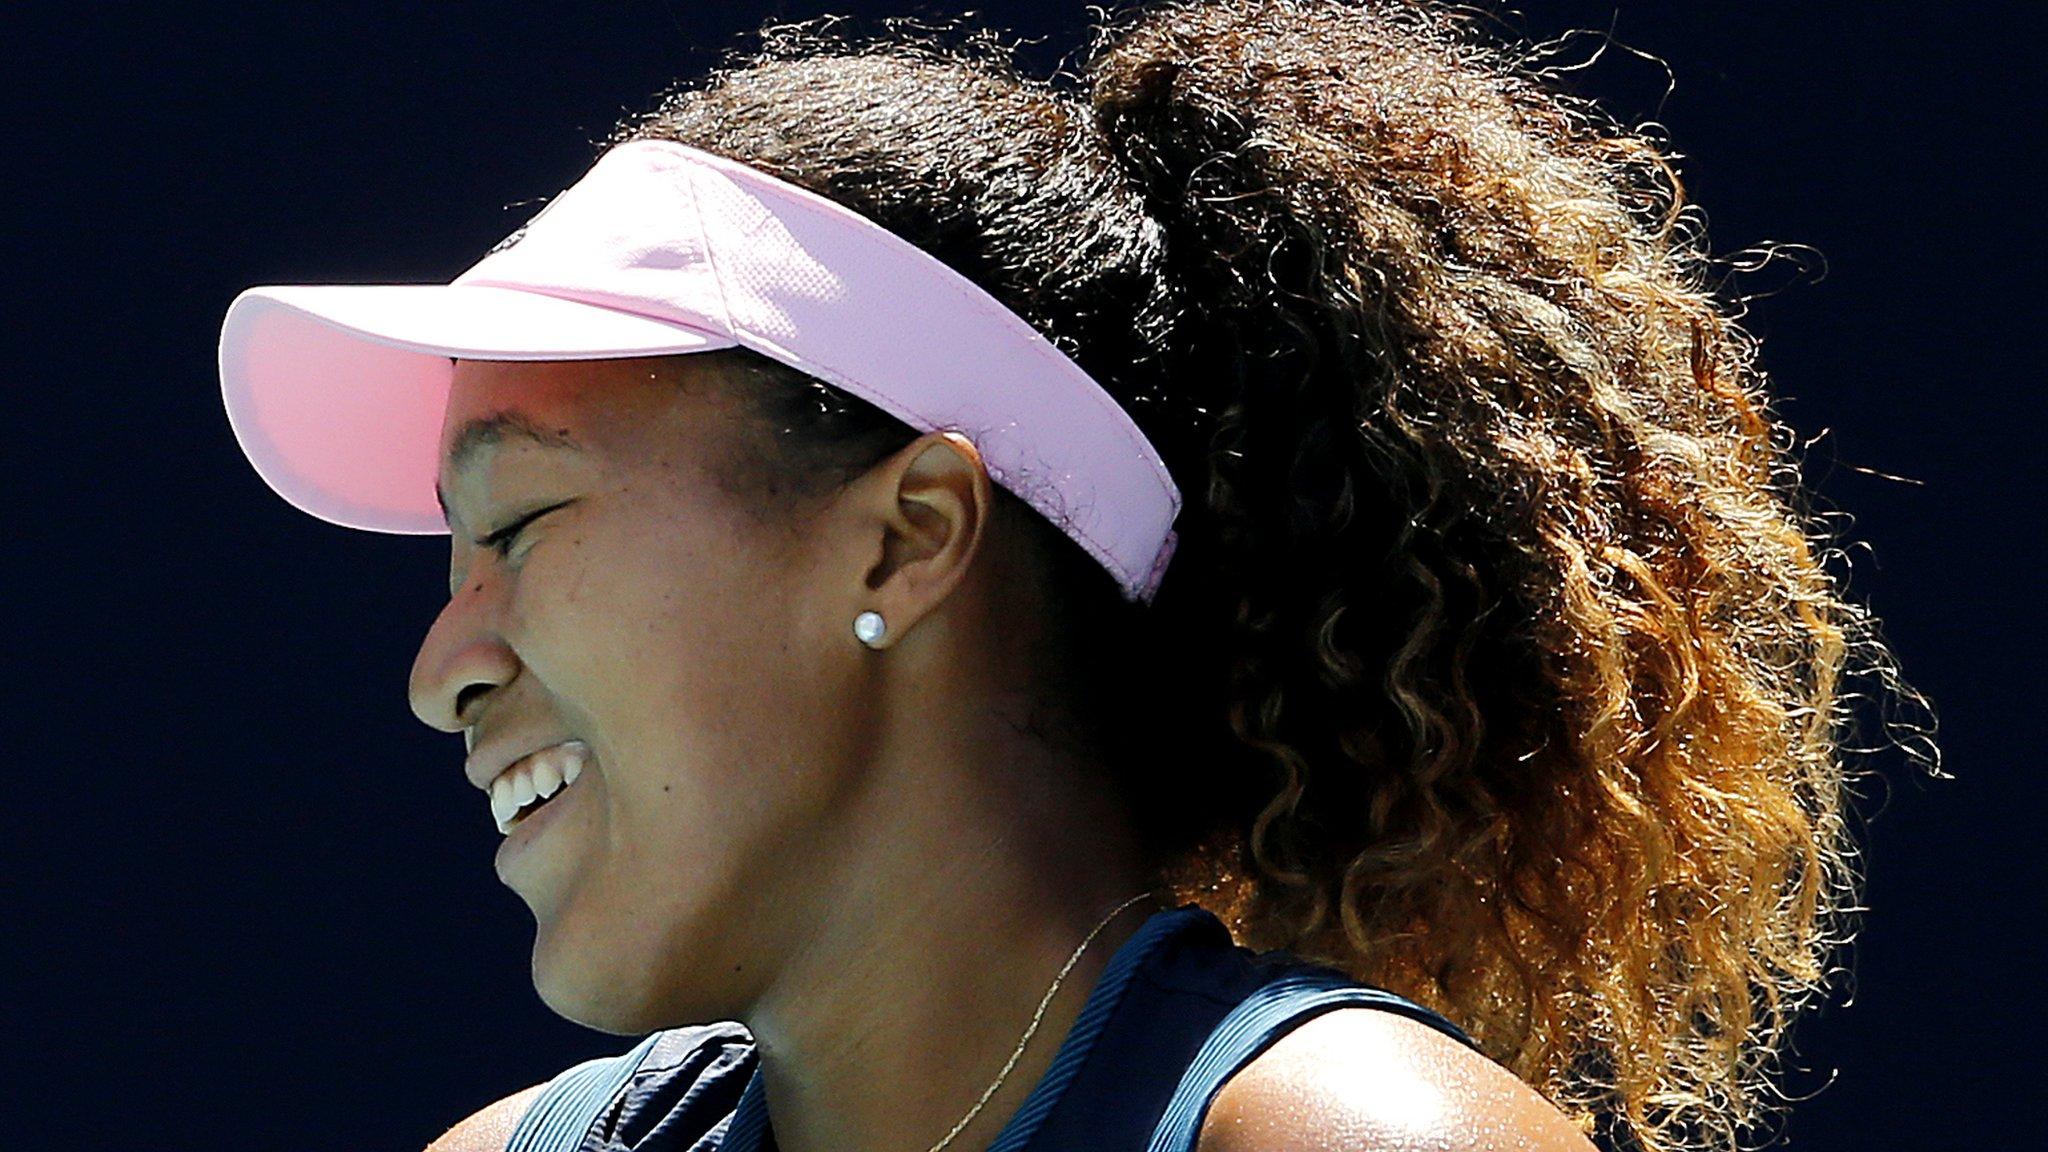 Miami Open: Naomi Osaka & Bianca Andreescu through to third round